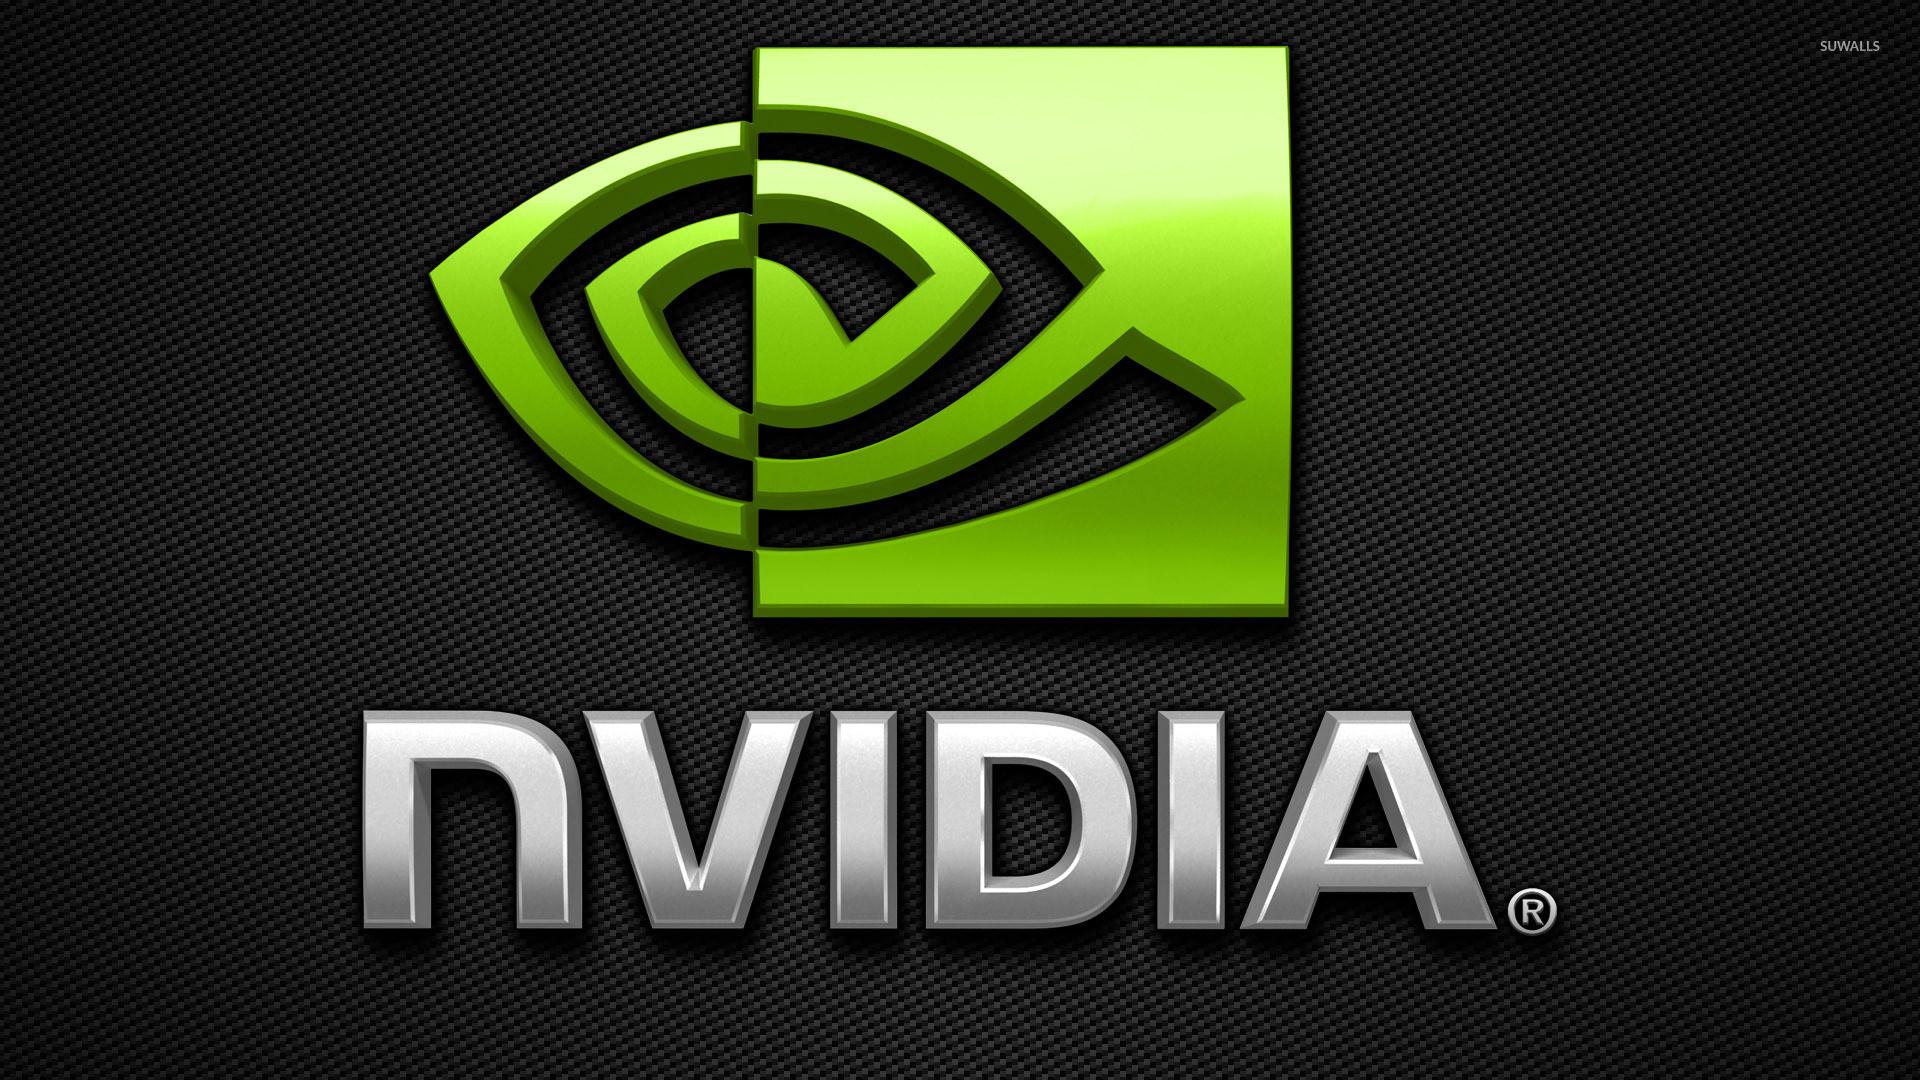 Nvidia wallpaper 1920x1080 88 immagini - 1920x1080 wallpaper nvidia ...